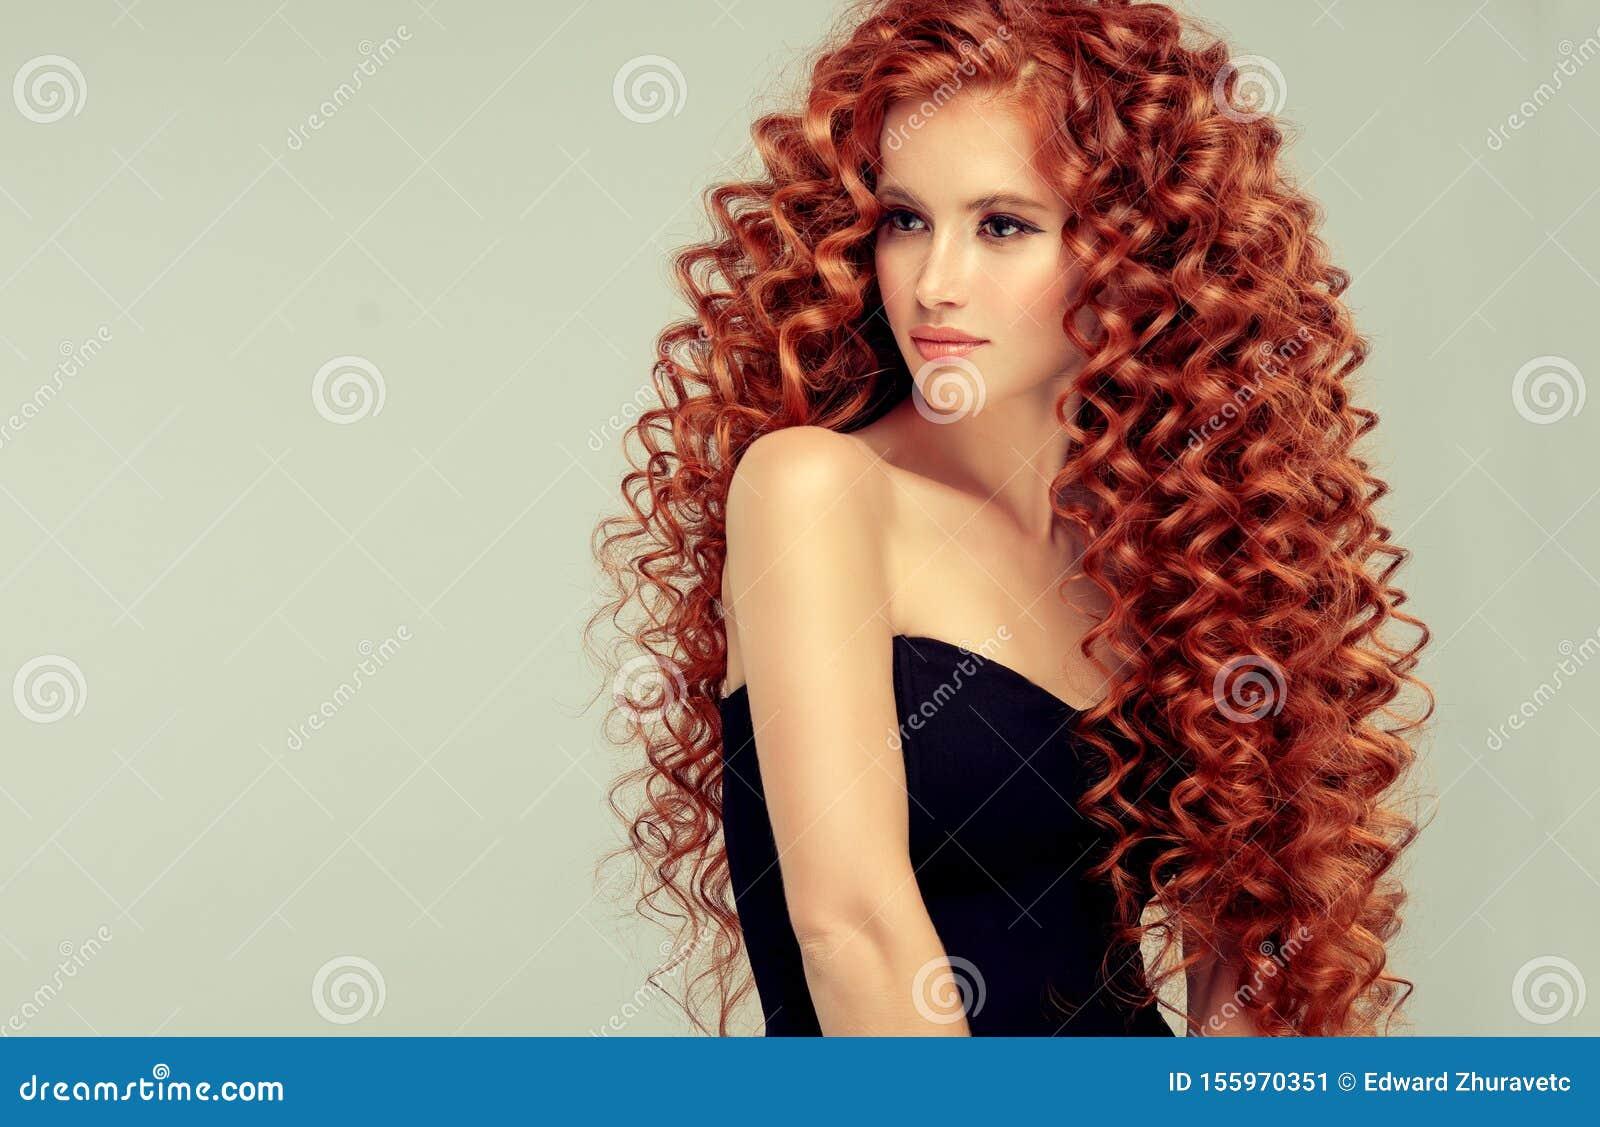 Haare blonde oder attraktiver braune Blond, Braun,